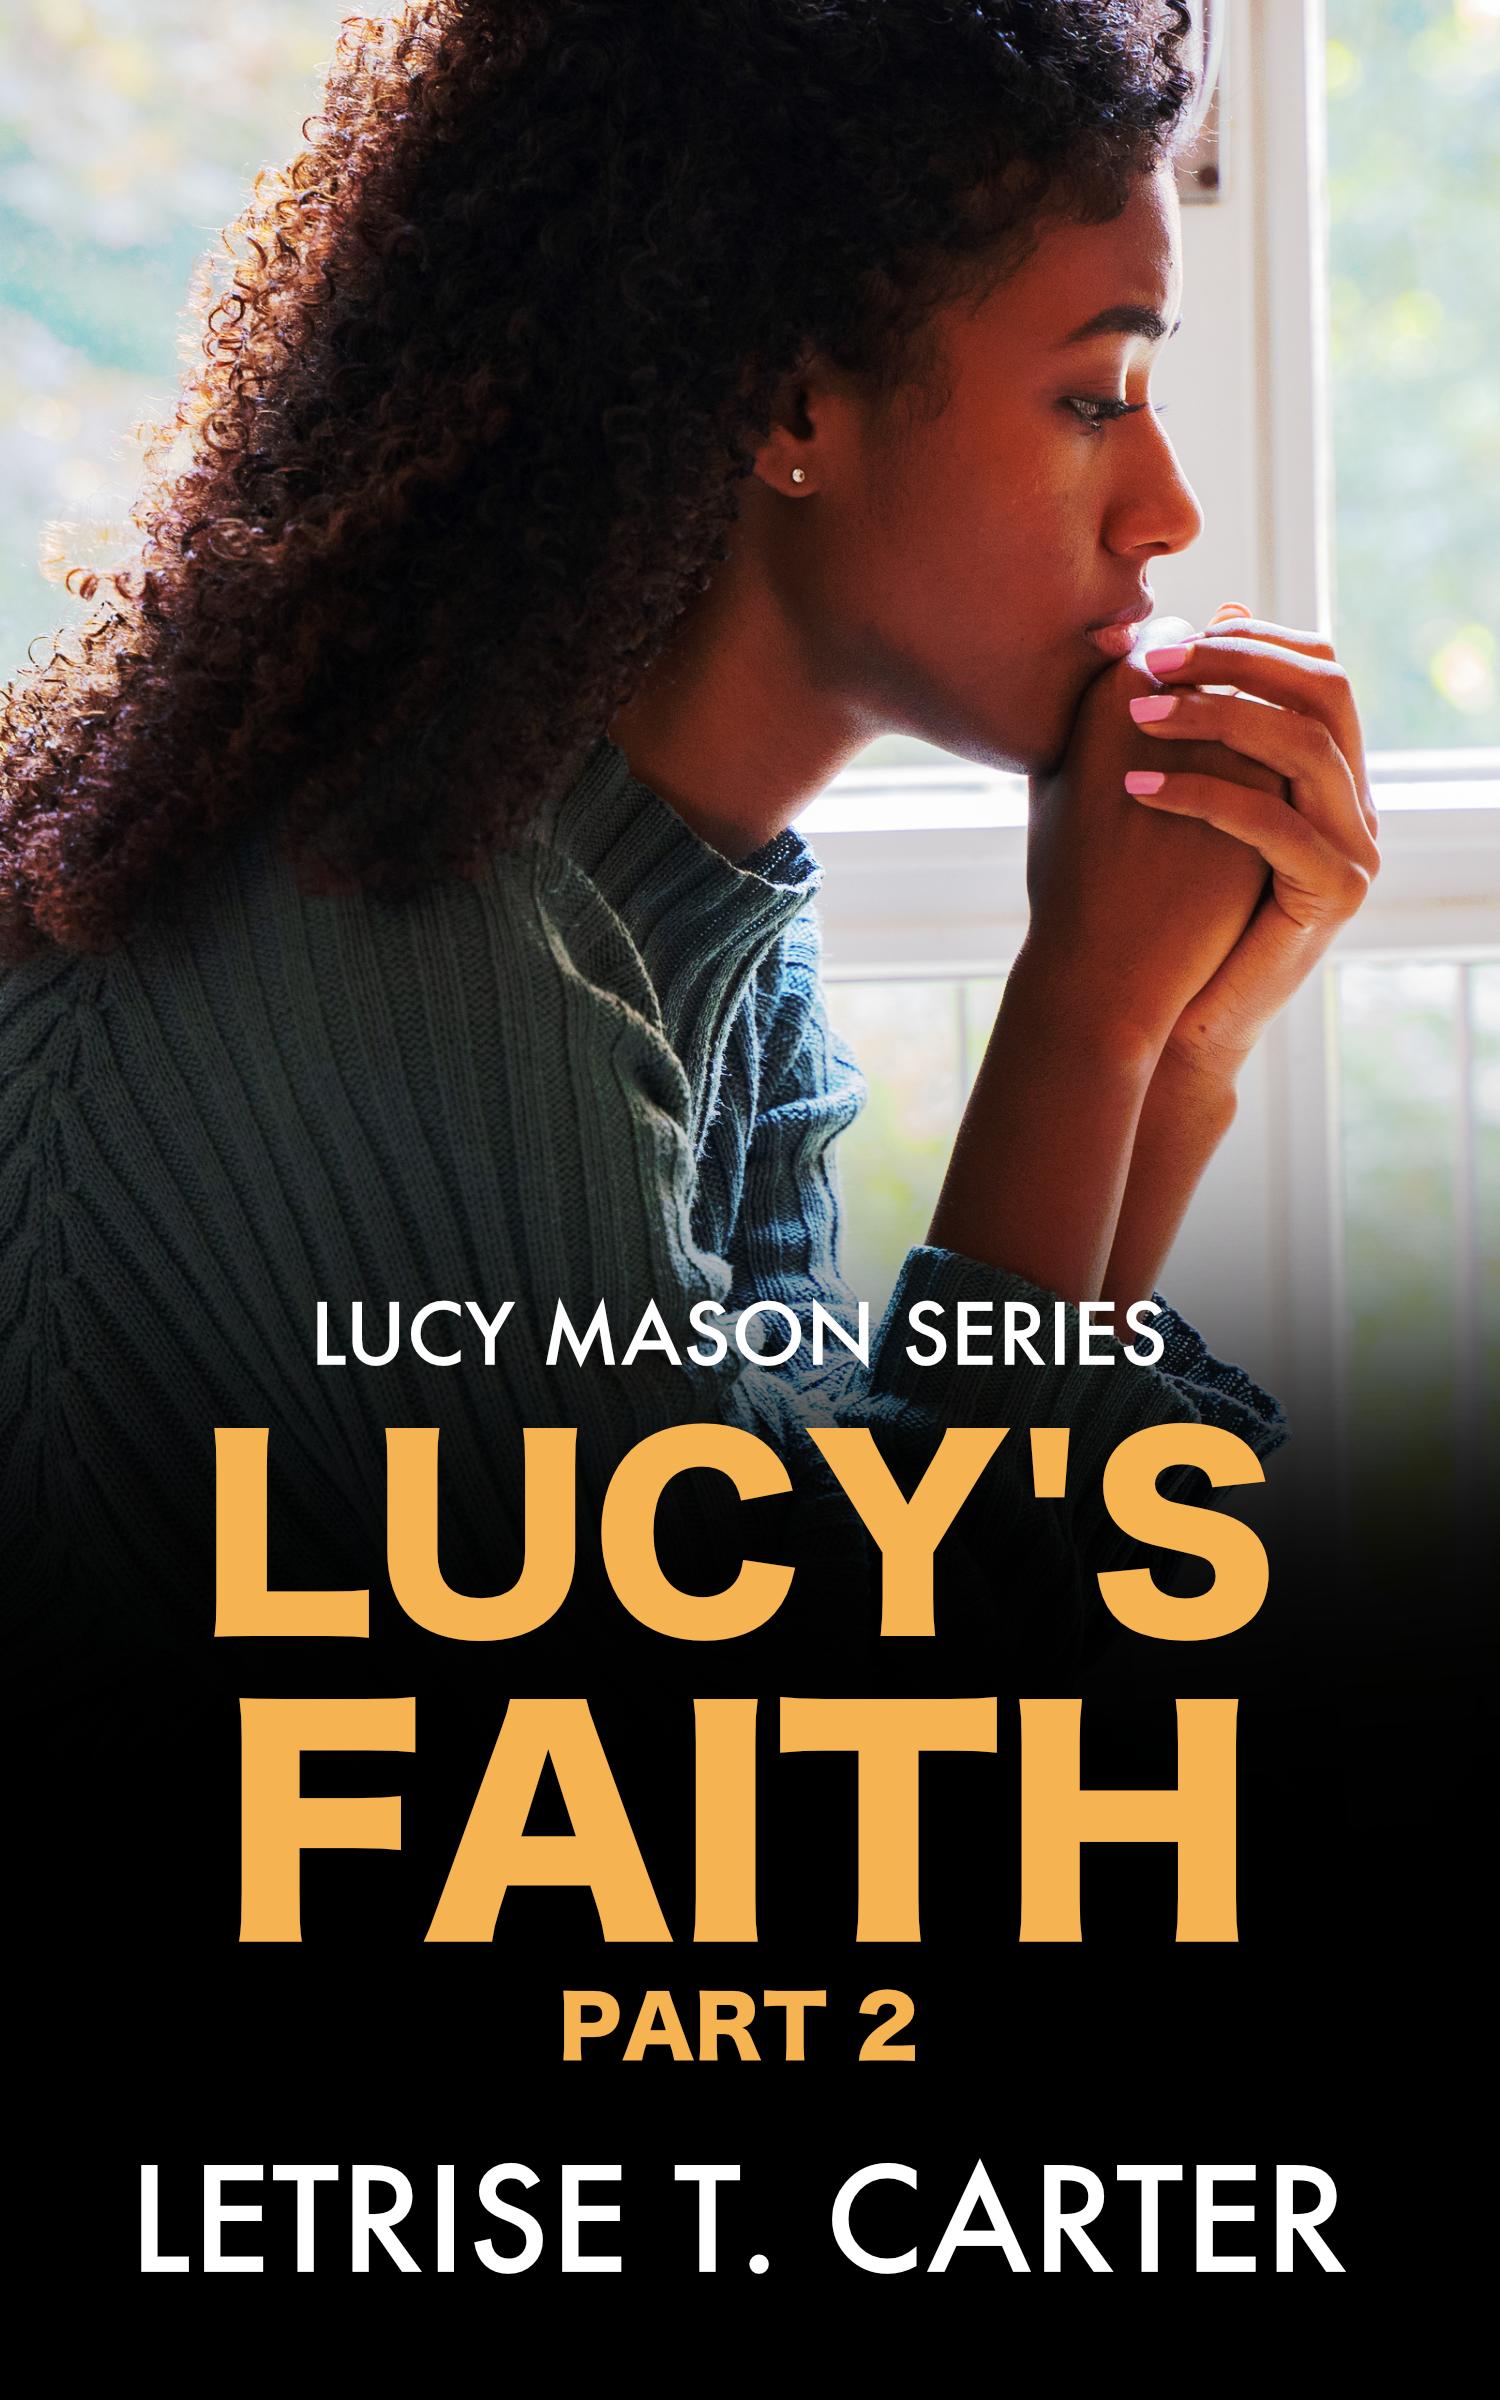 LucyMason_Faith_FrontCover_FINAL